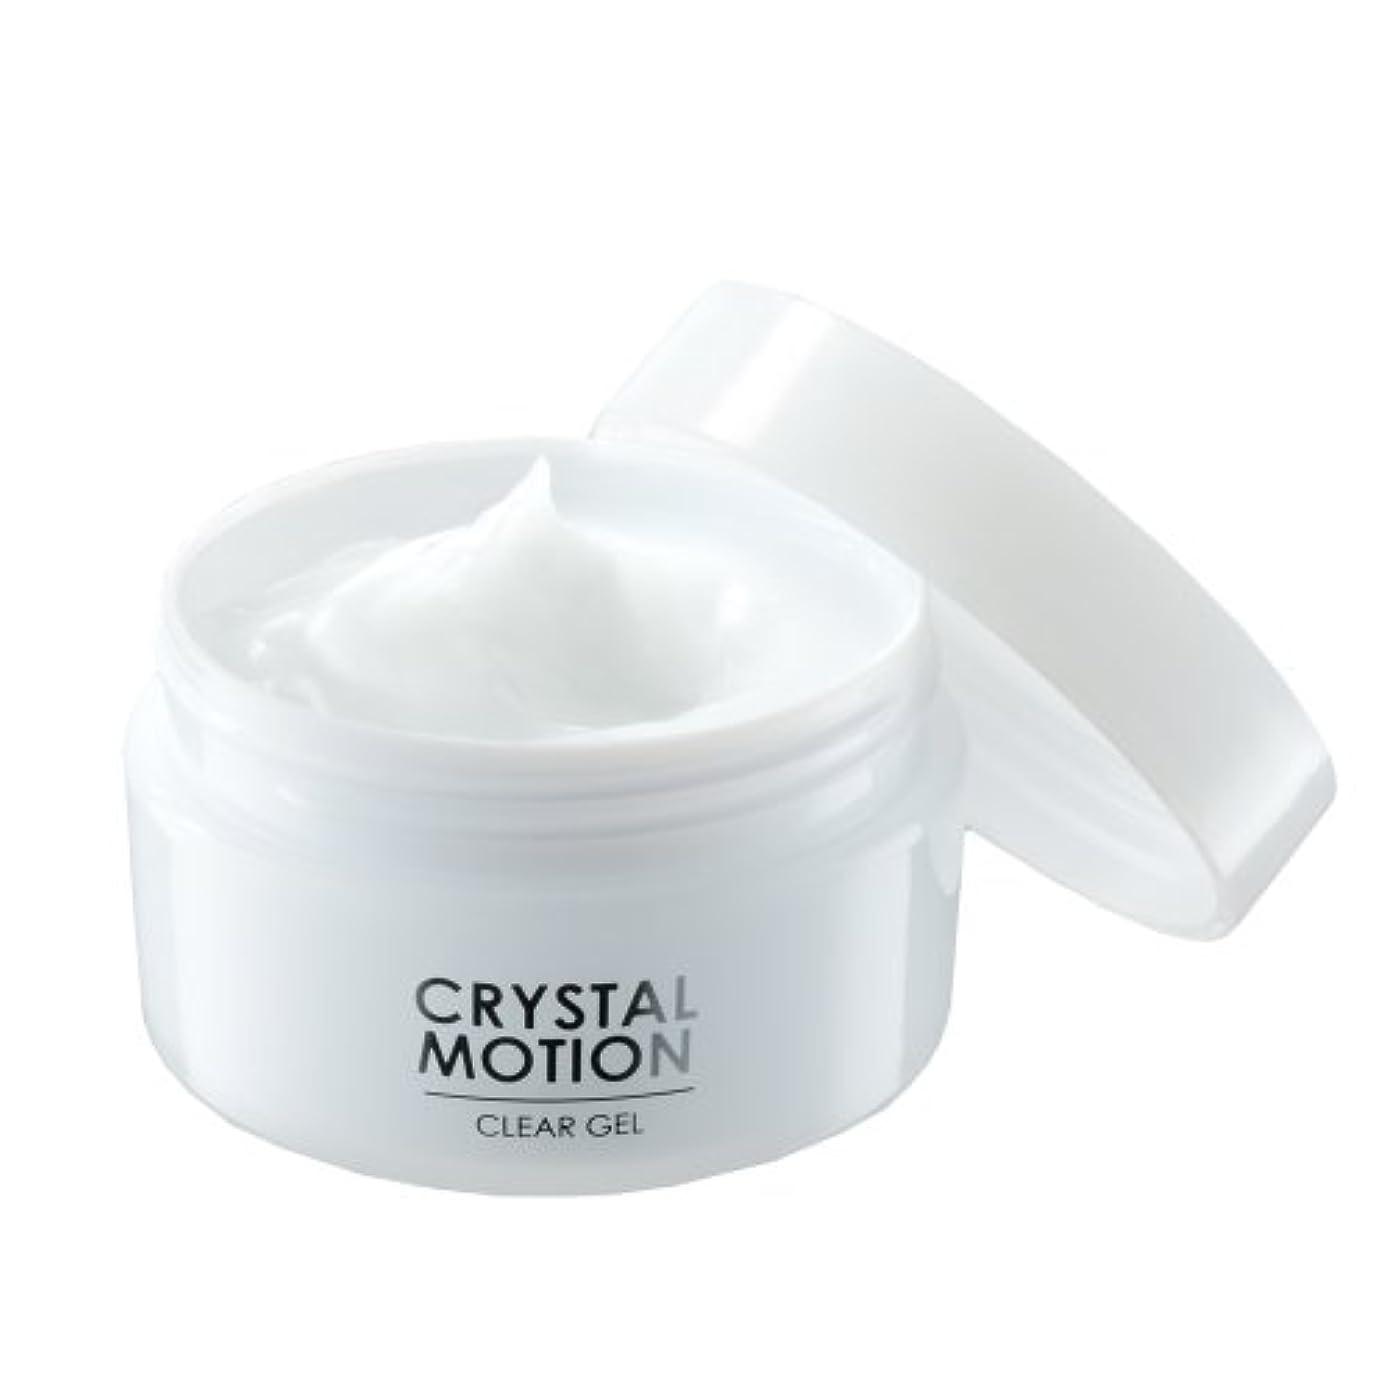 ドライ弁護休暇クリスタルモーション CRYSTAL MOTION 薬用ニキビケアジェル 保湿 乾燥 美白 美肌 ニキビ 予防 1ヶ月分 60g